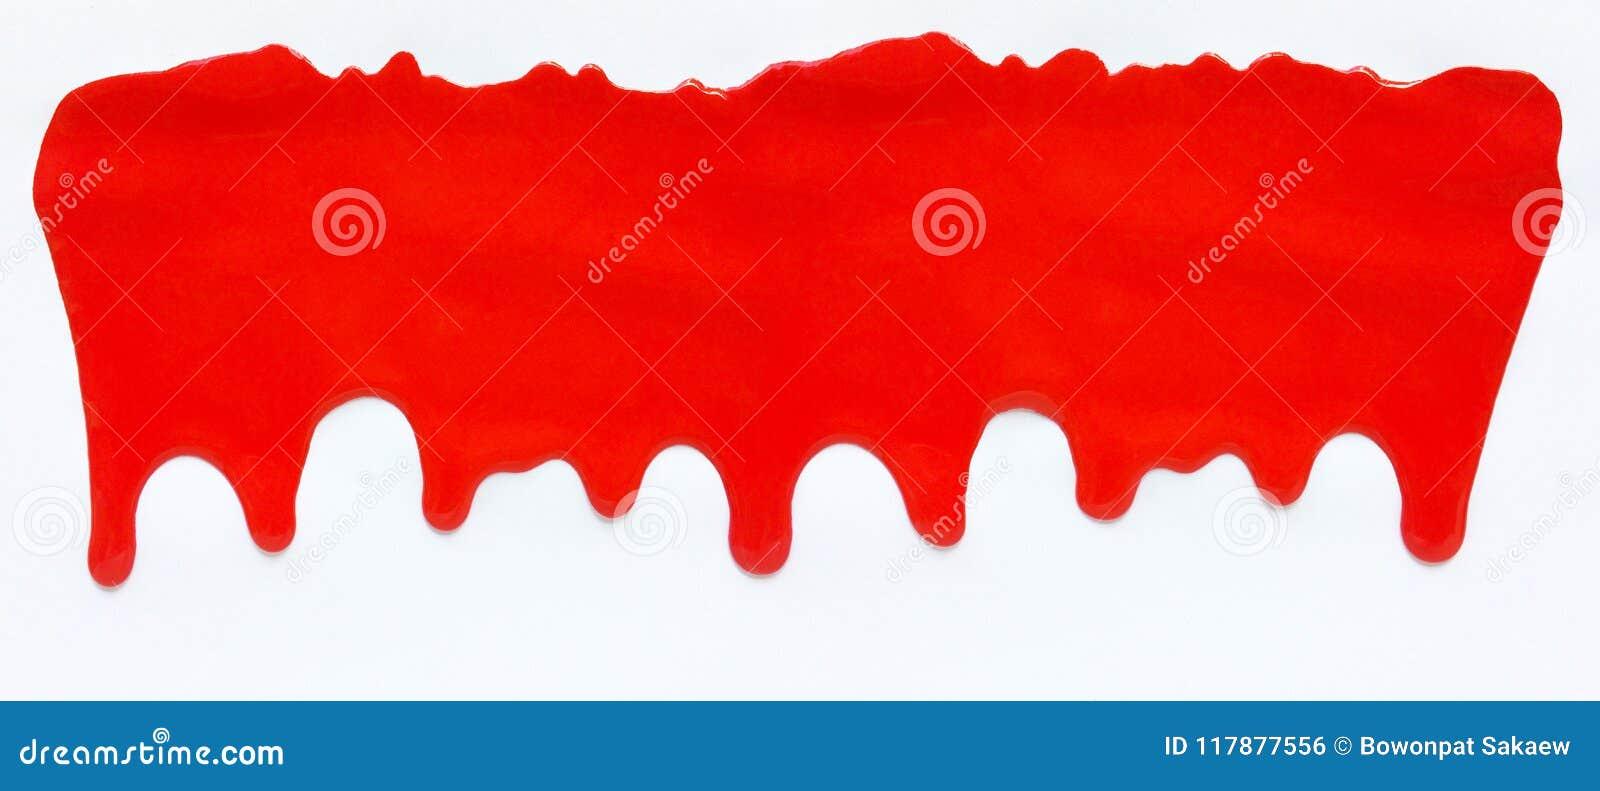 Sgocciolatura di colore rosso, fondo cadente di colore